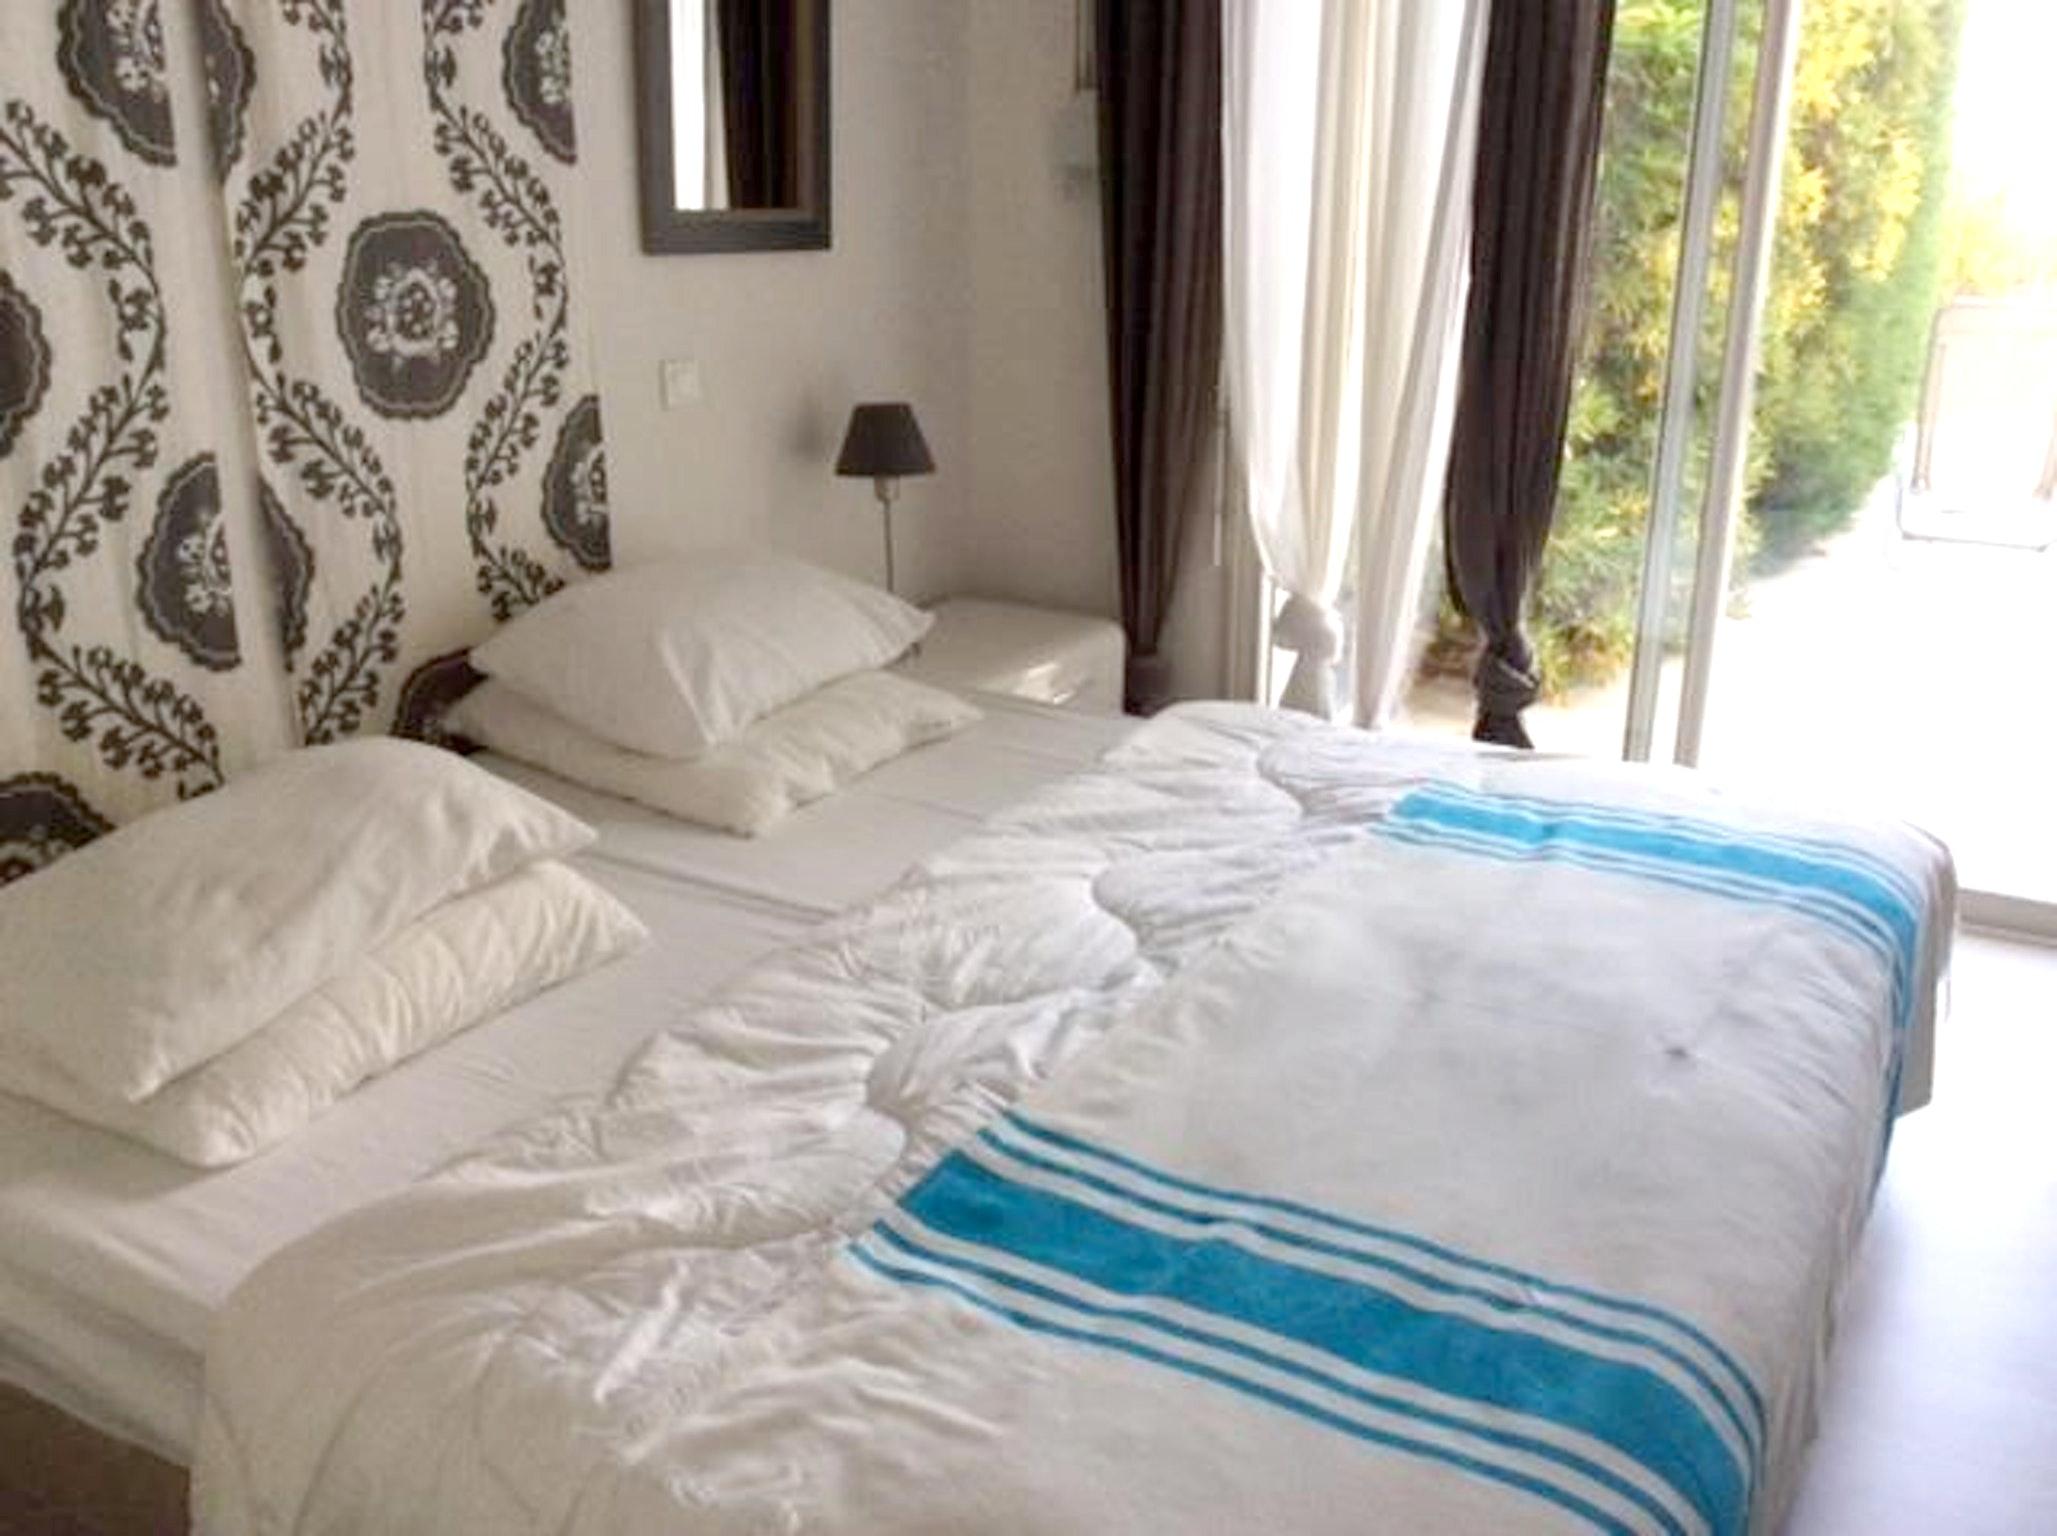 Ferienhaus Haus mit 3 Schlafzimmern in Lumio mit herrlichem Meerblick, eingezäuntem Garten und W-LAN  (2567720), Lumio, Nordkorsika, Korsika, Frankreich, Bild 6